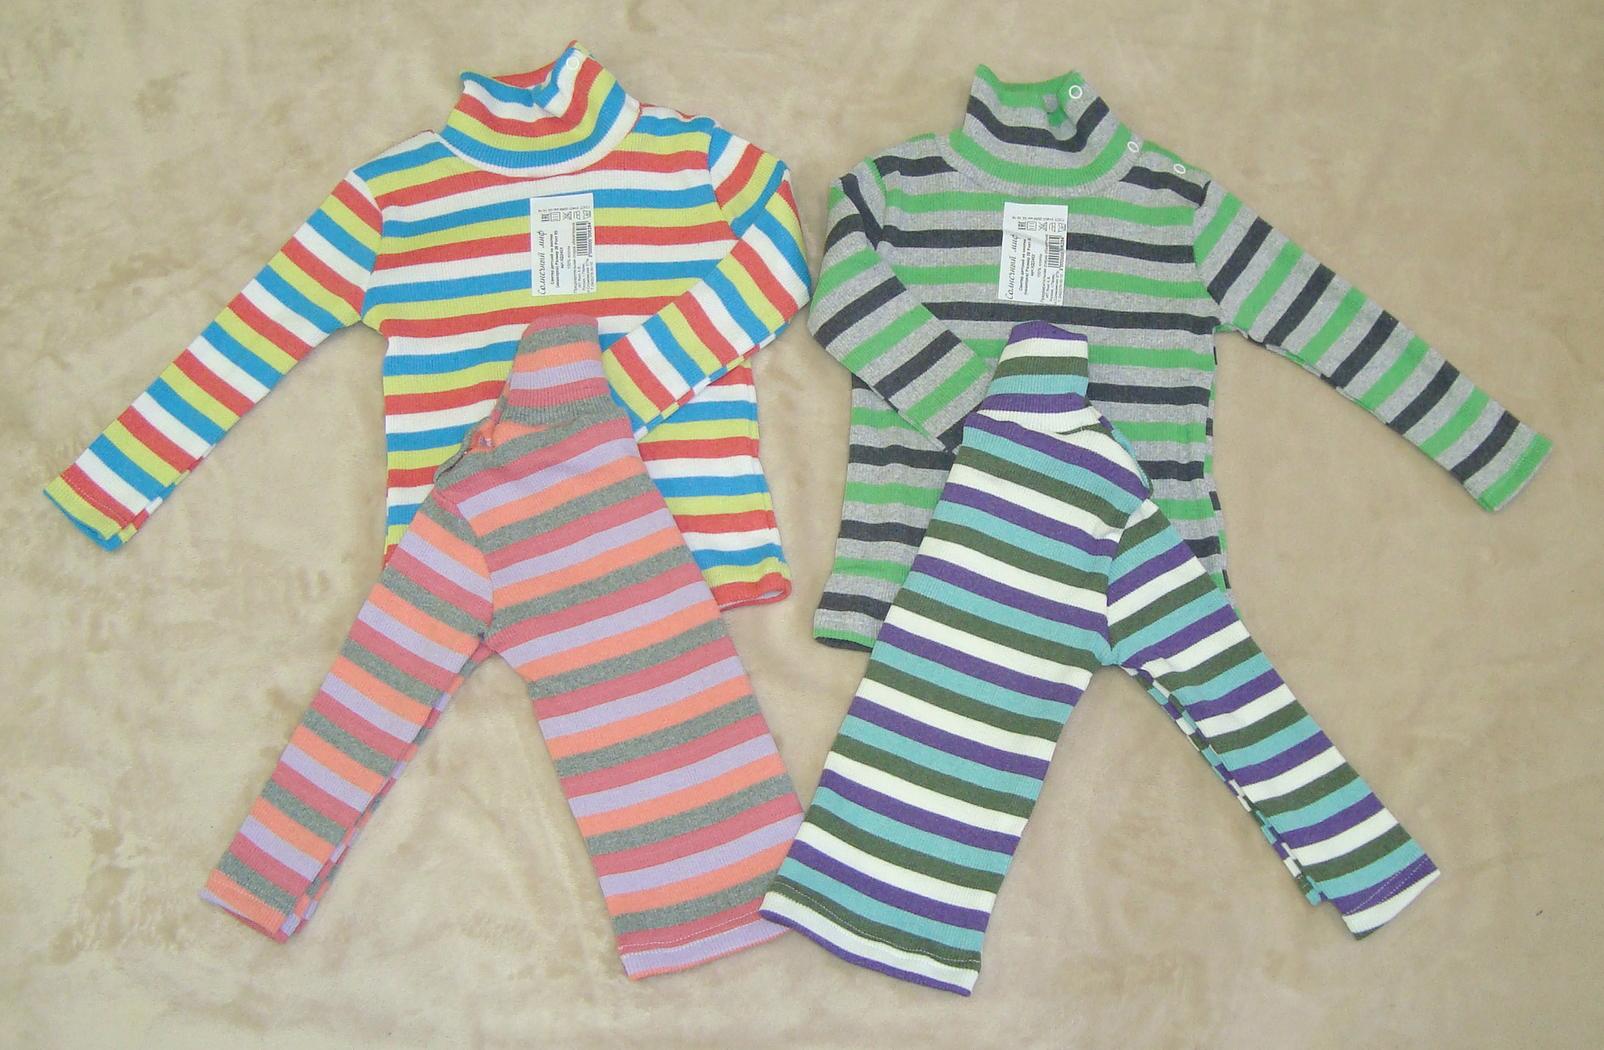 Солнечный миф.Бюджетная одежда для детей с рождения.Водолазки от 150 руб,теплые флисовые комбинезоны от 351 руб, термобелье от 240 руб и многое другое.Выкуп 8.